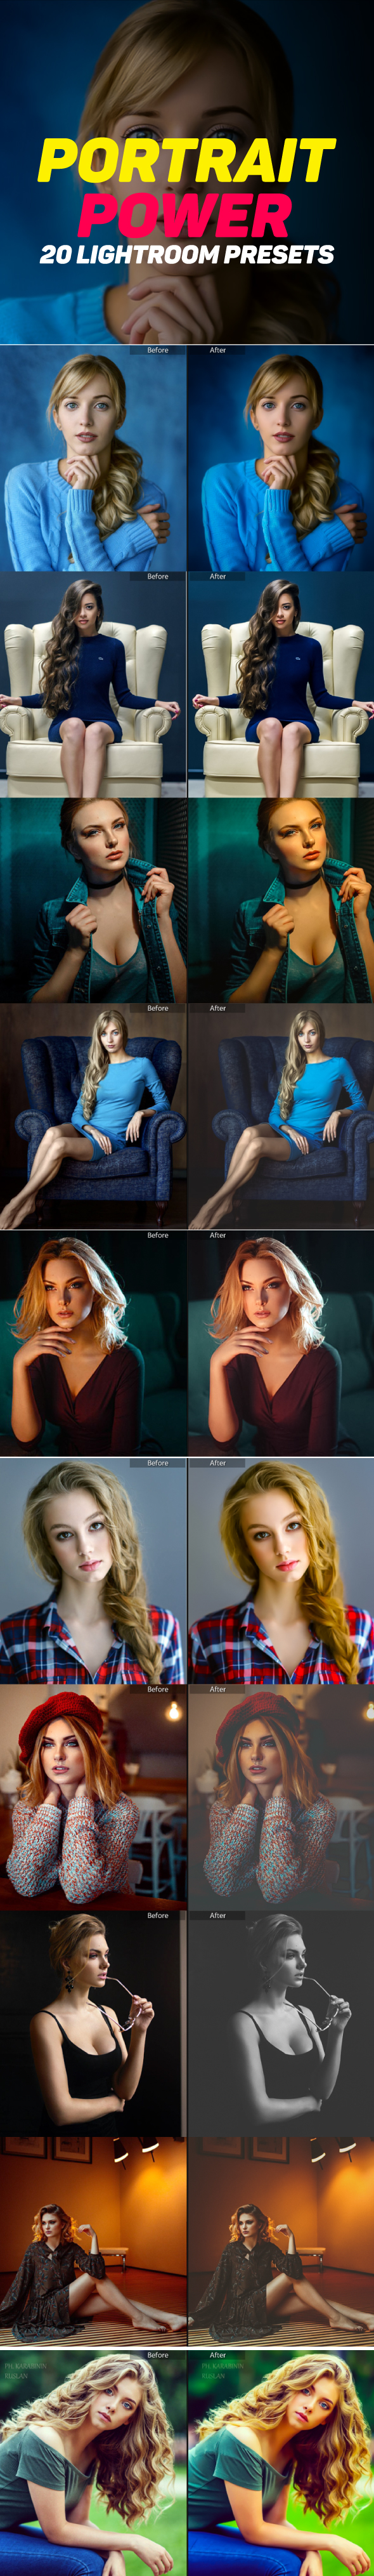 20 Portrait Lightroom Presets - Portrait Lightroom Presets